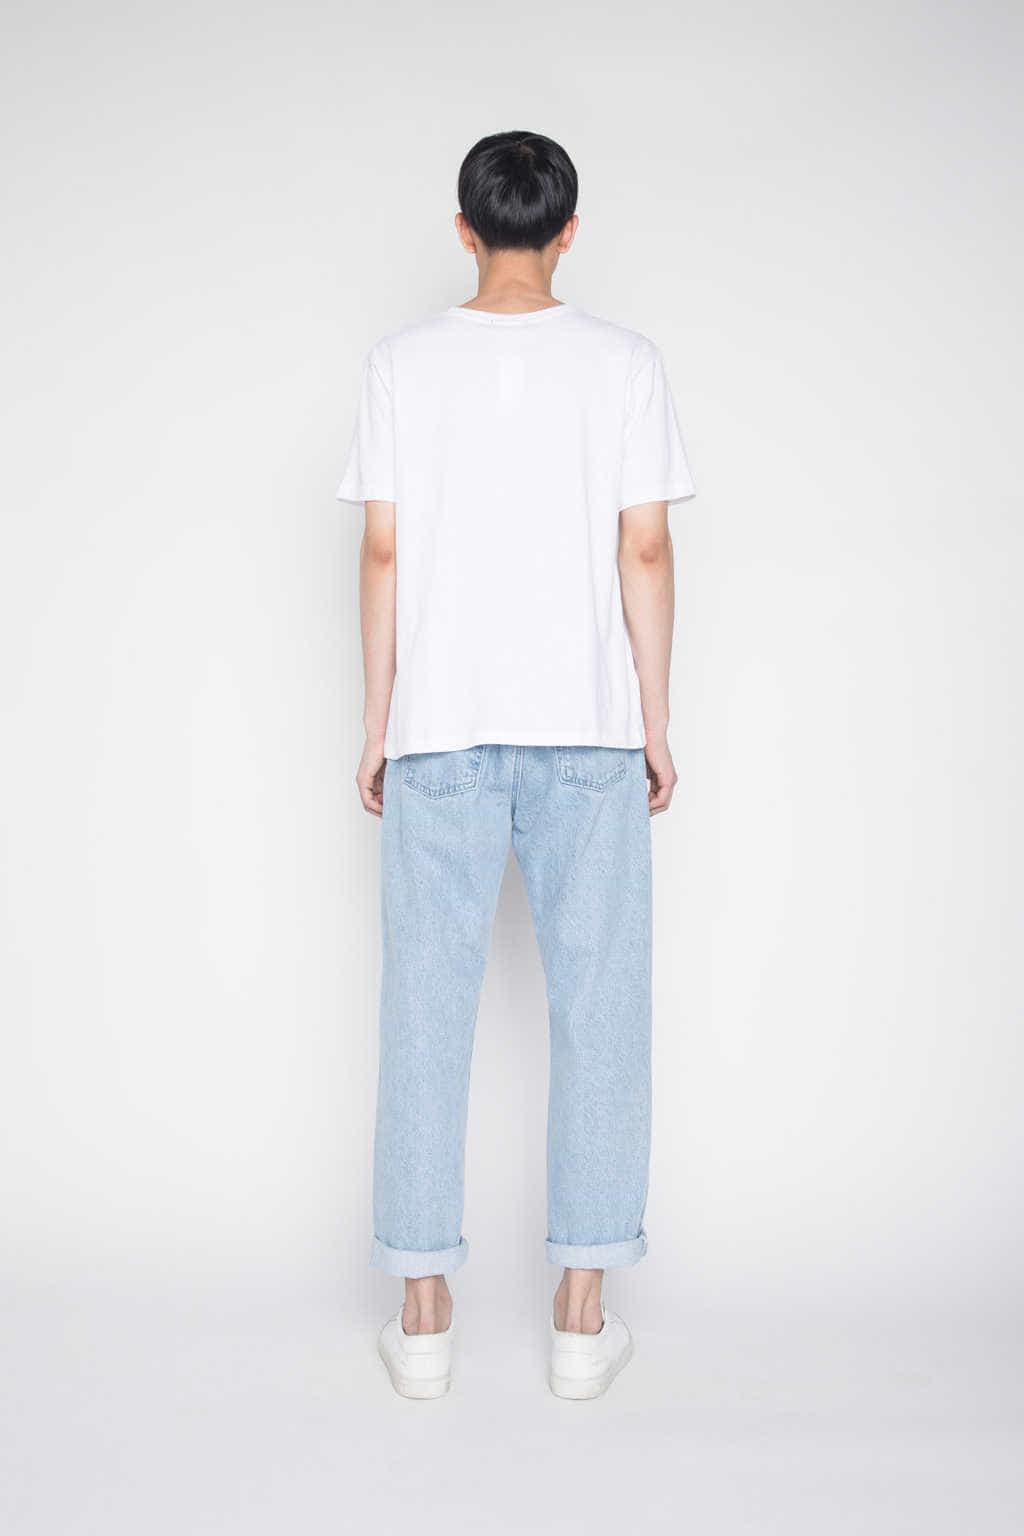 TShirt H180 White 4